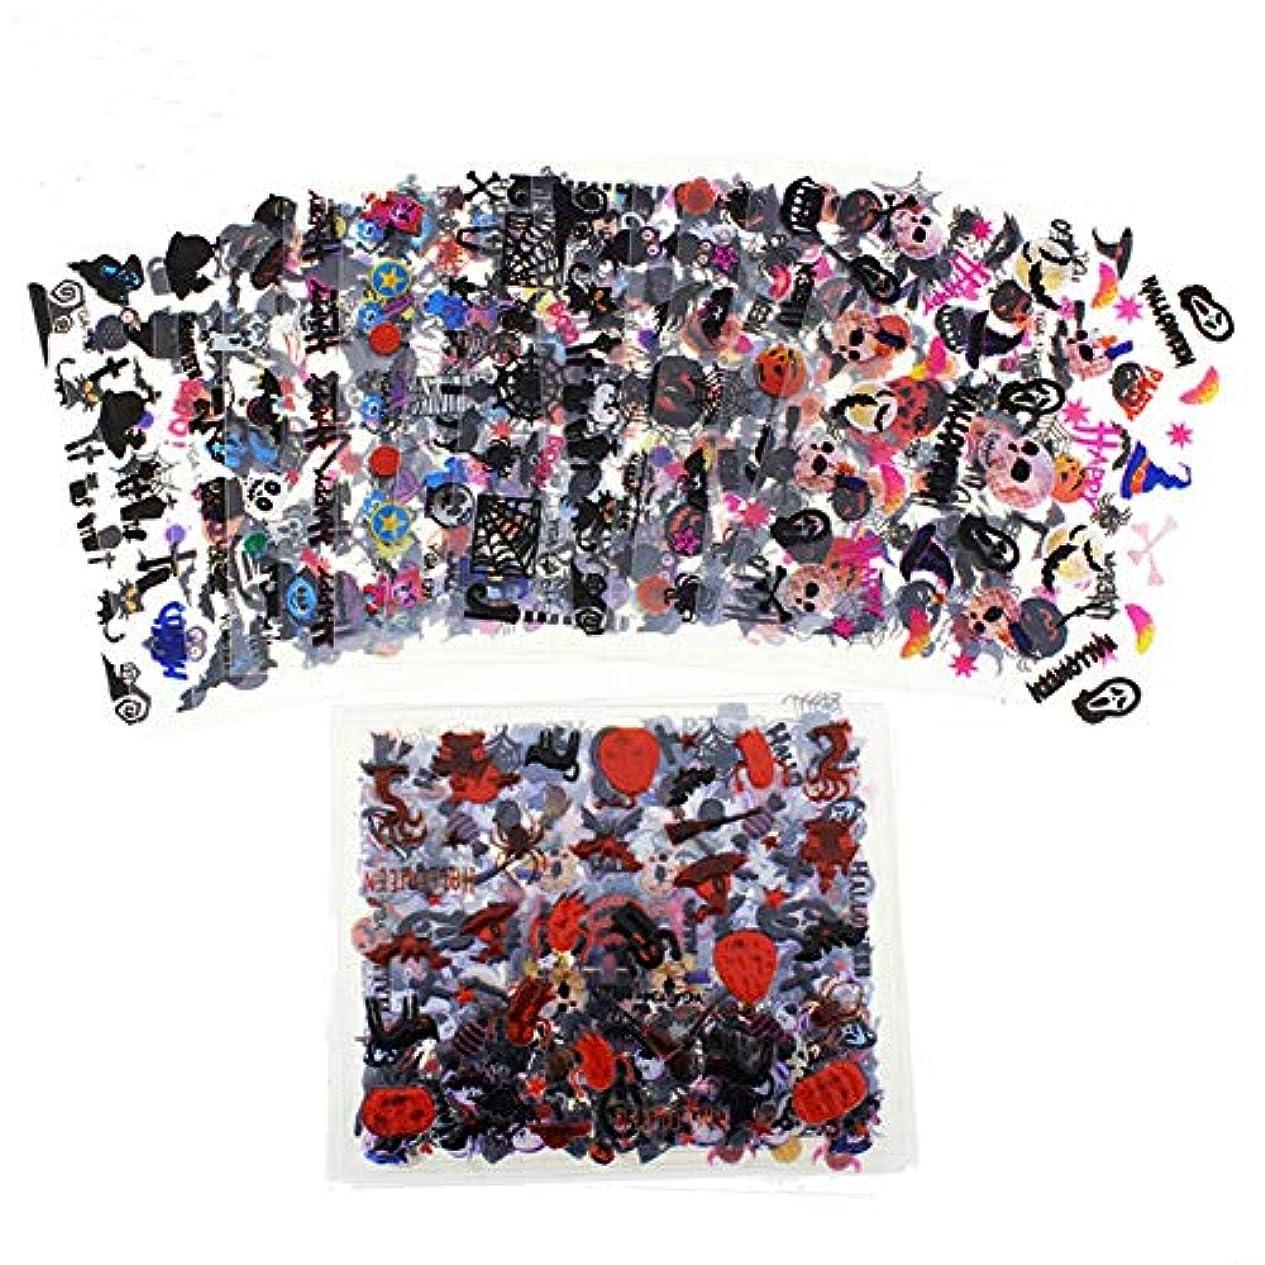 縞模様の拾う喪SODAOA屋 ネイルシール ハロウィーン ネイルステッカー ネイル用装飾 24枚セット 可愛いネイル飾り 貼るだけマニキュア ネイル用装飾 女性 女の子 子供用